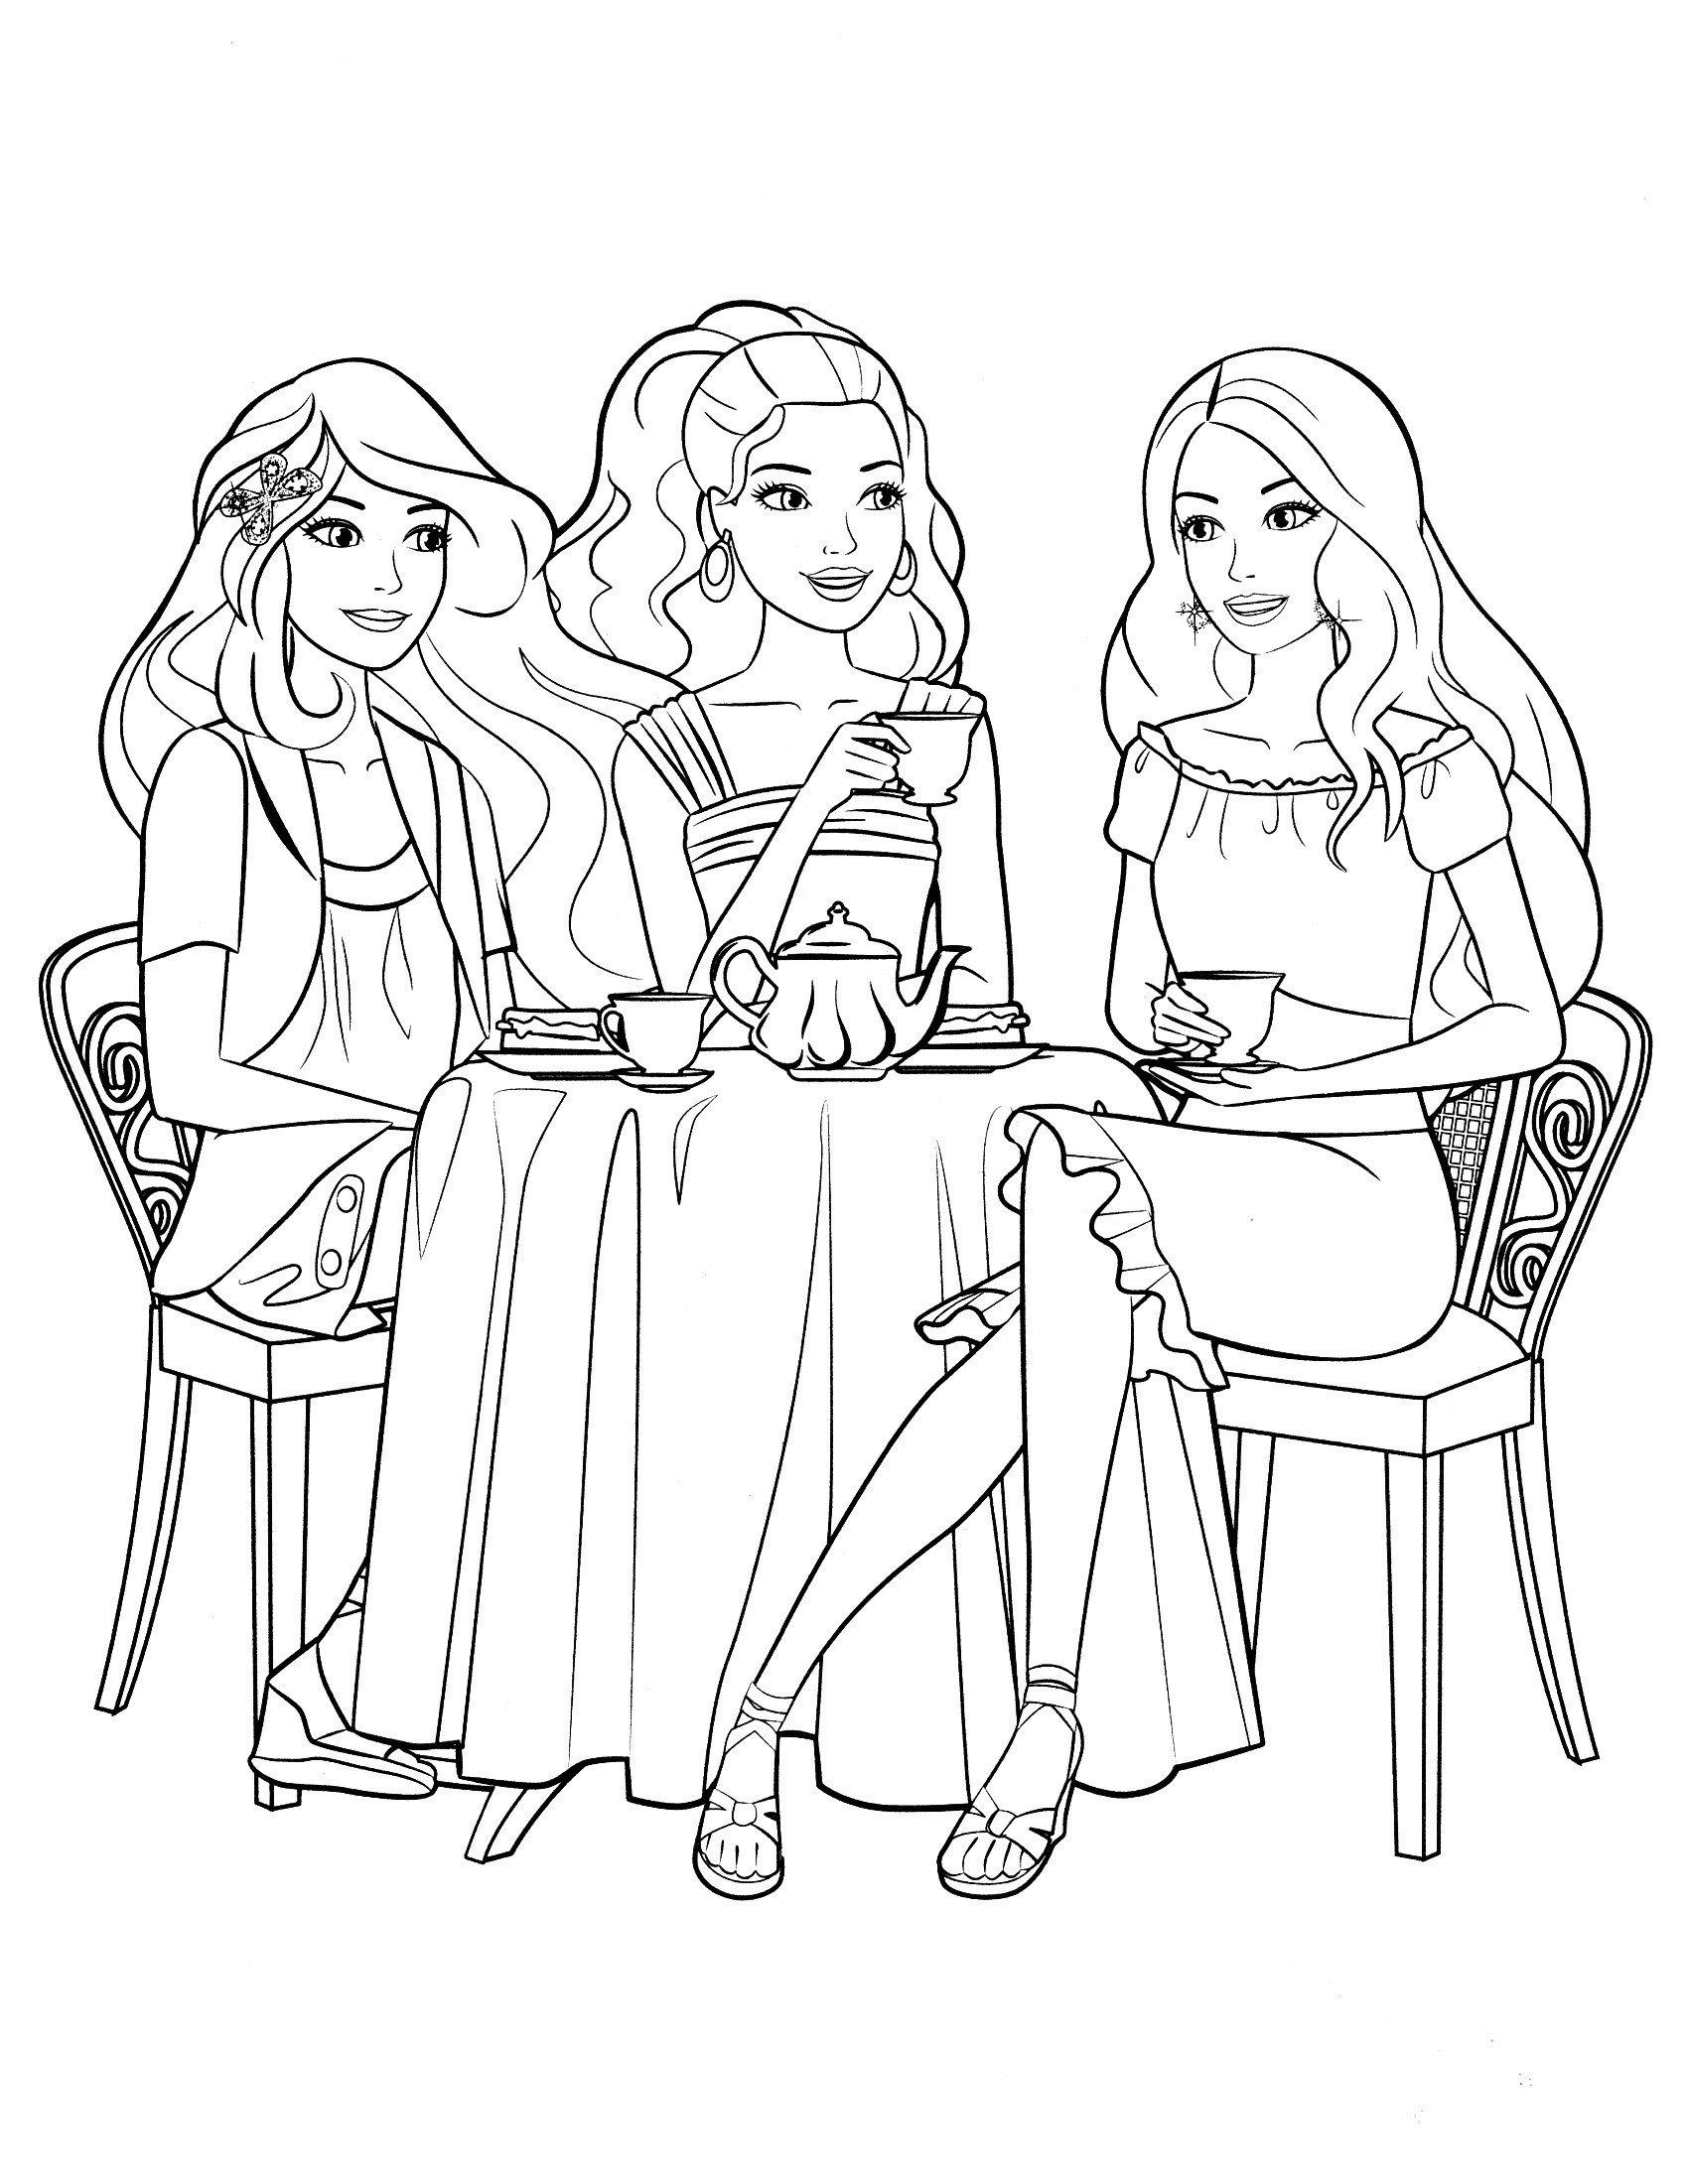 Картинка для раскраски «Чаепитие с Барби»